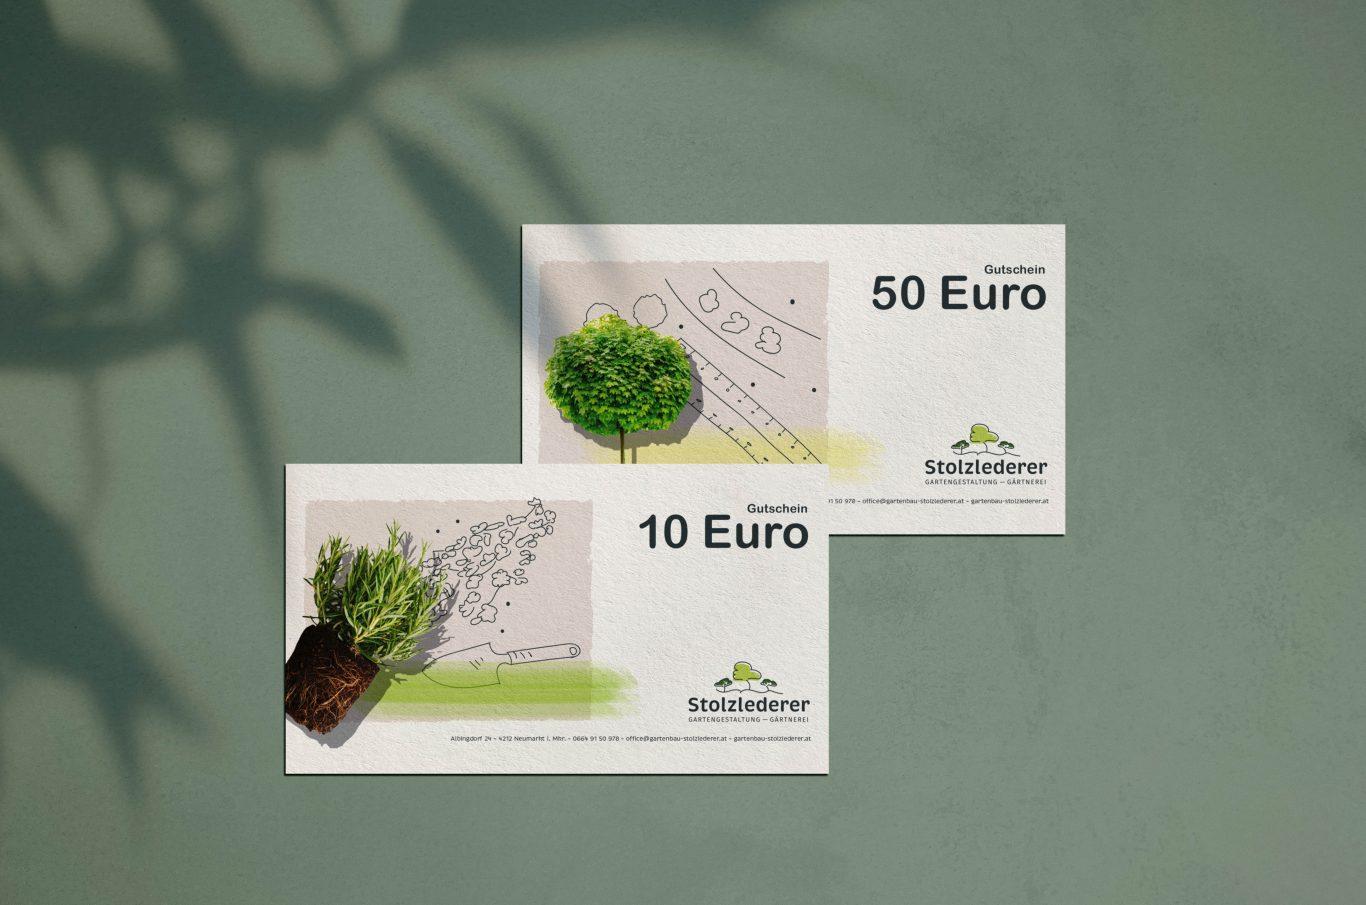 Gutscheine Stolzlederer 10 und 50 Euro